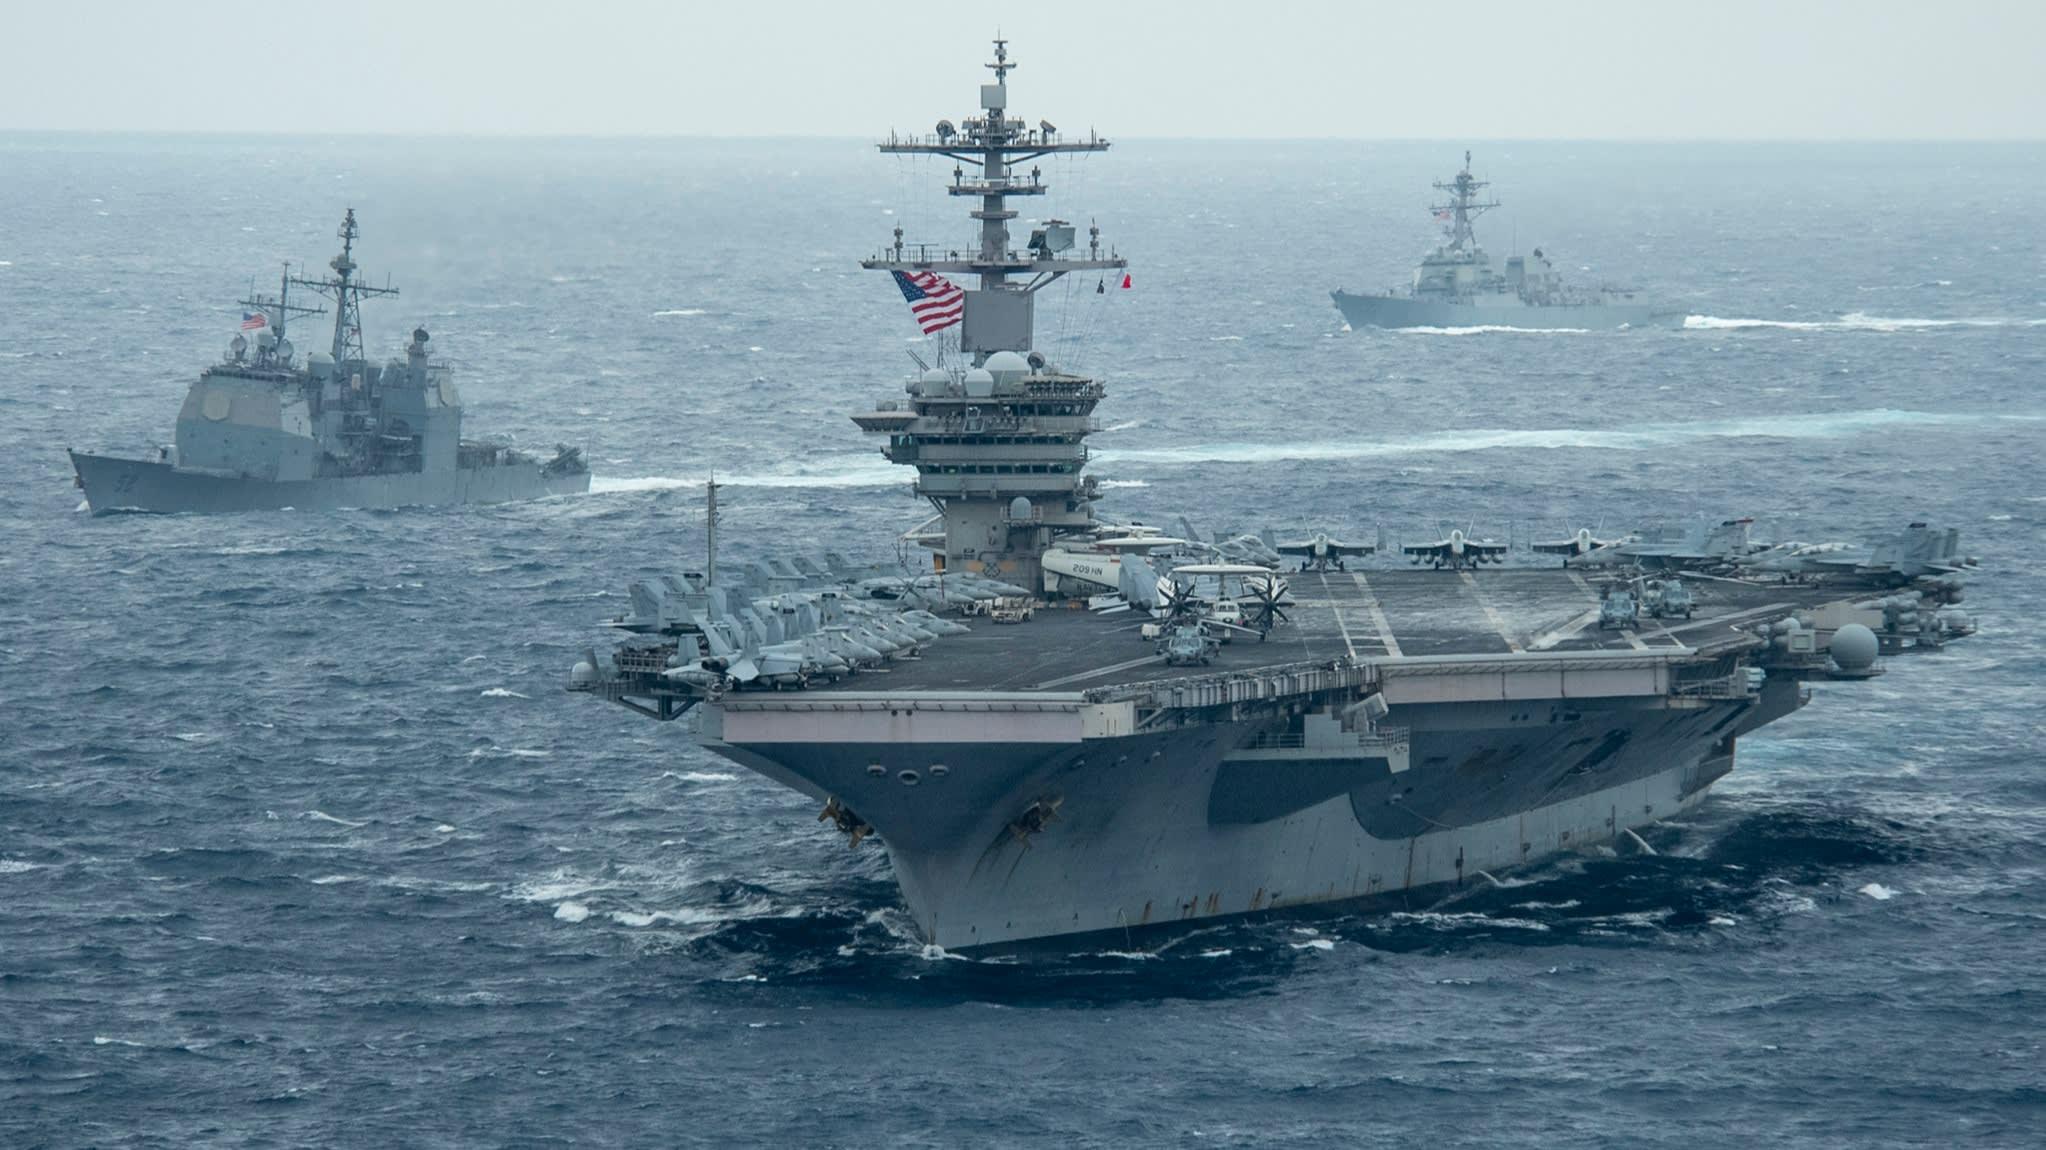 Mỹ và Trung Quốc căng thẳng ngay từ những ngày đầu tiên ông Biden nắm quyền - 1